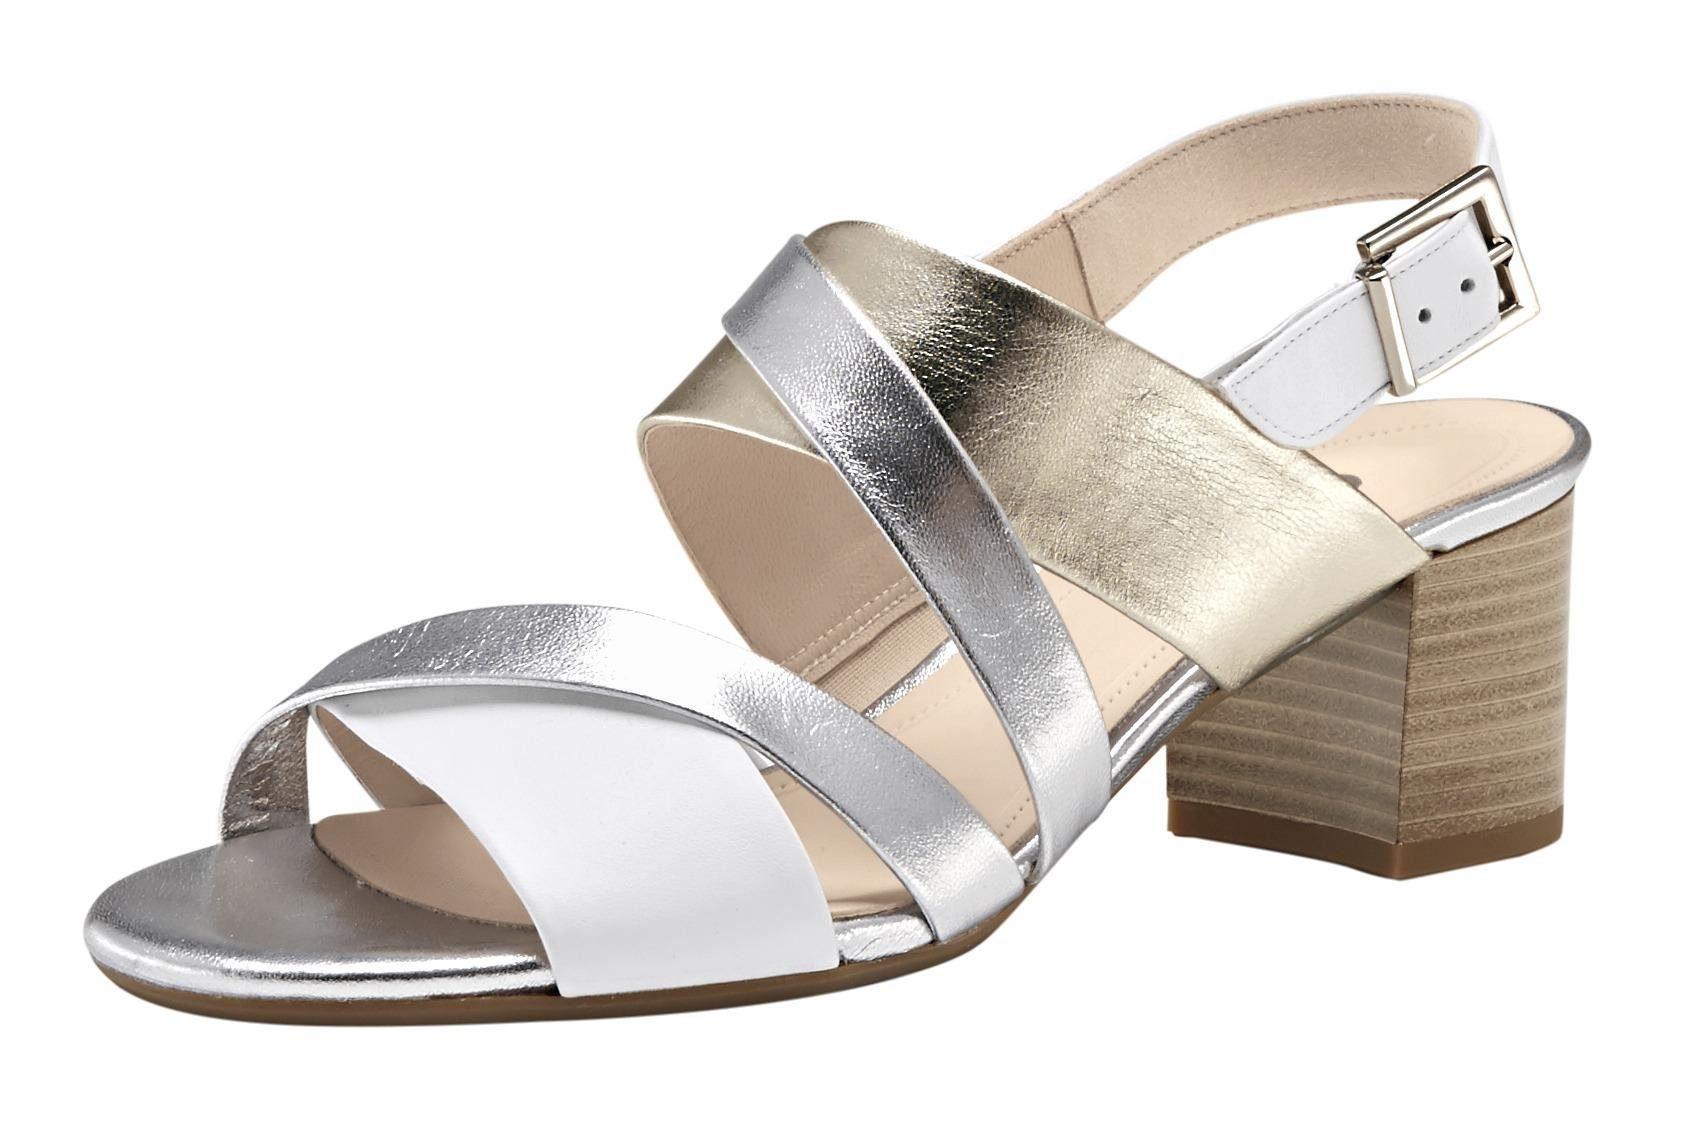 Gabor Sandalette Im Metallliclook Online KaufenOtto Nnvm08w